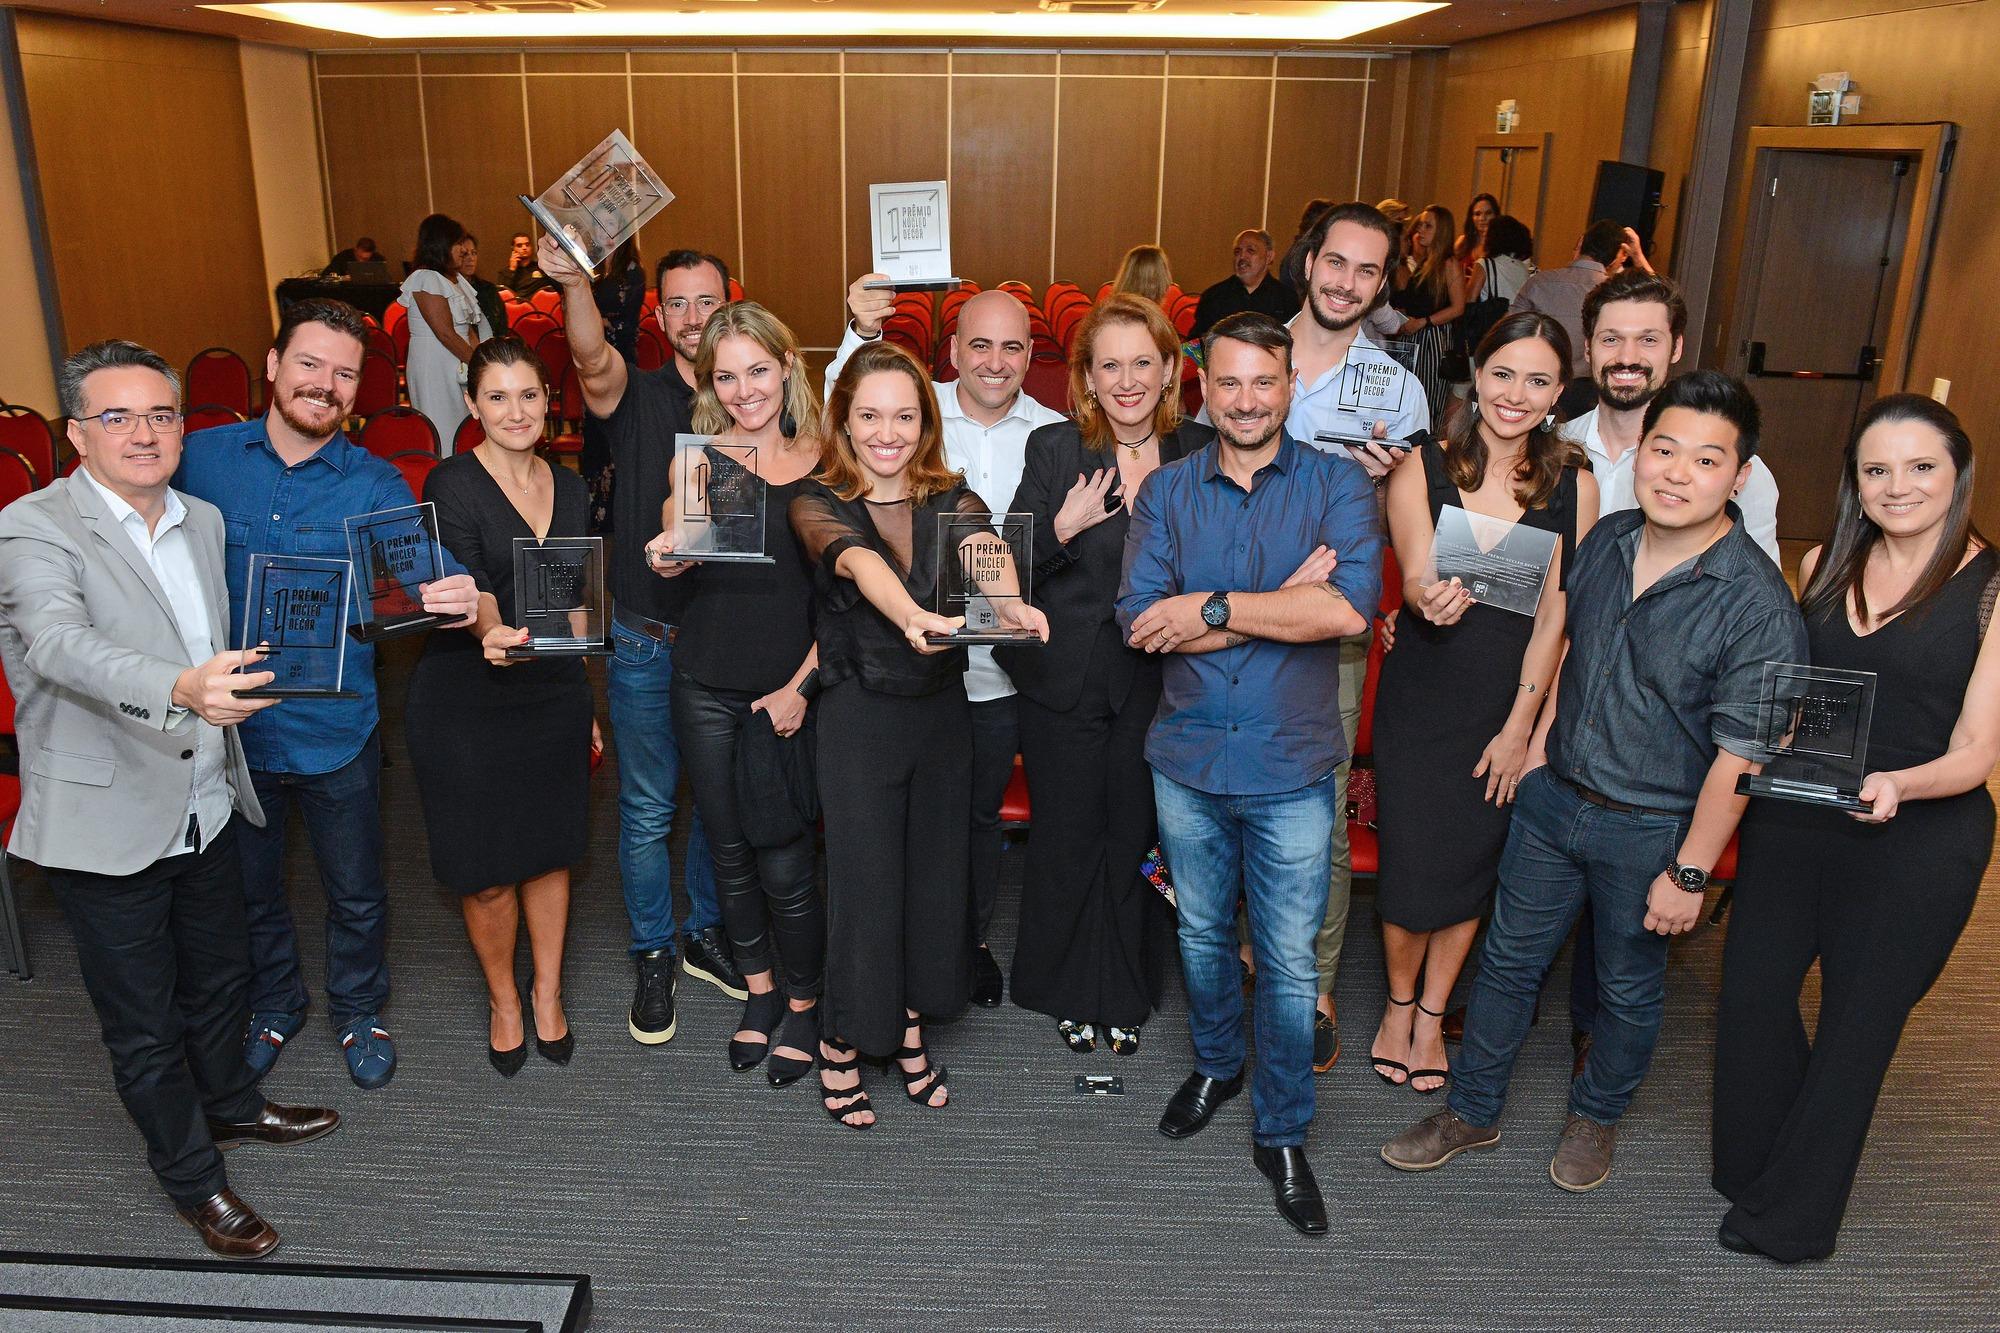 Escritórios premiados no primeiro Prêmio Núcleo Decor durante a cerimônia de premiação.  Foto: Gerson Lima / Divulgação